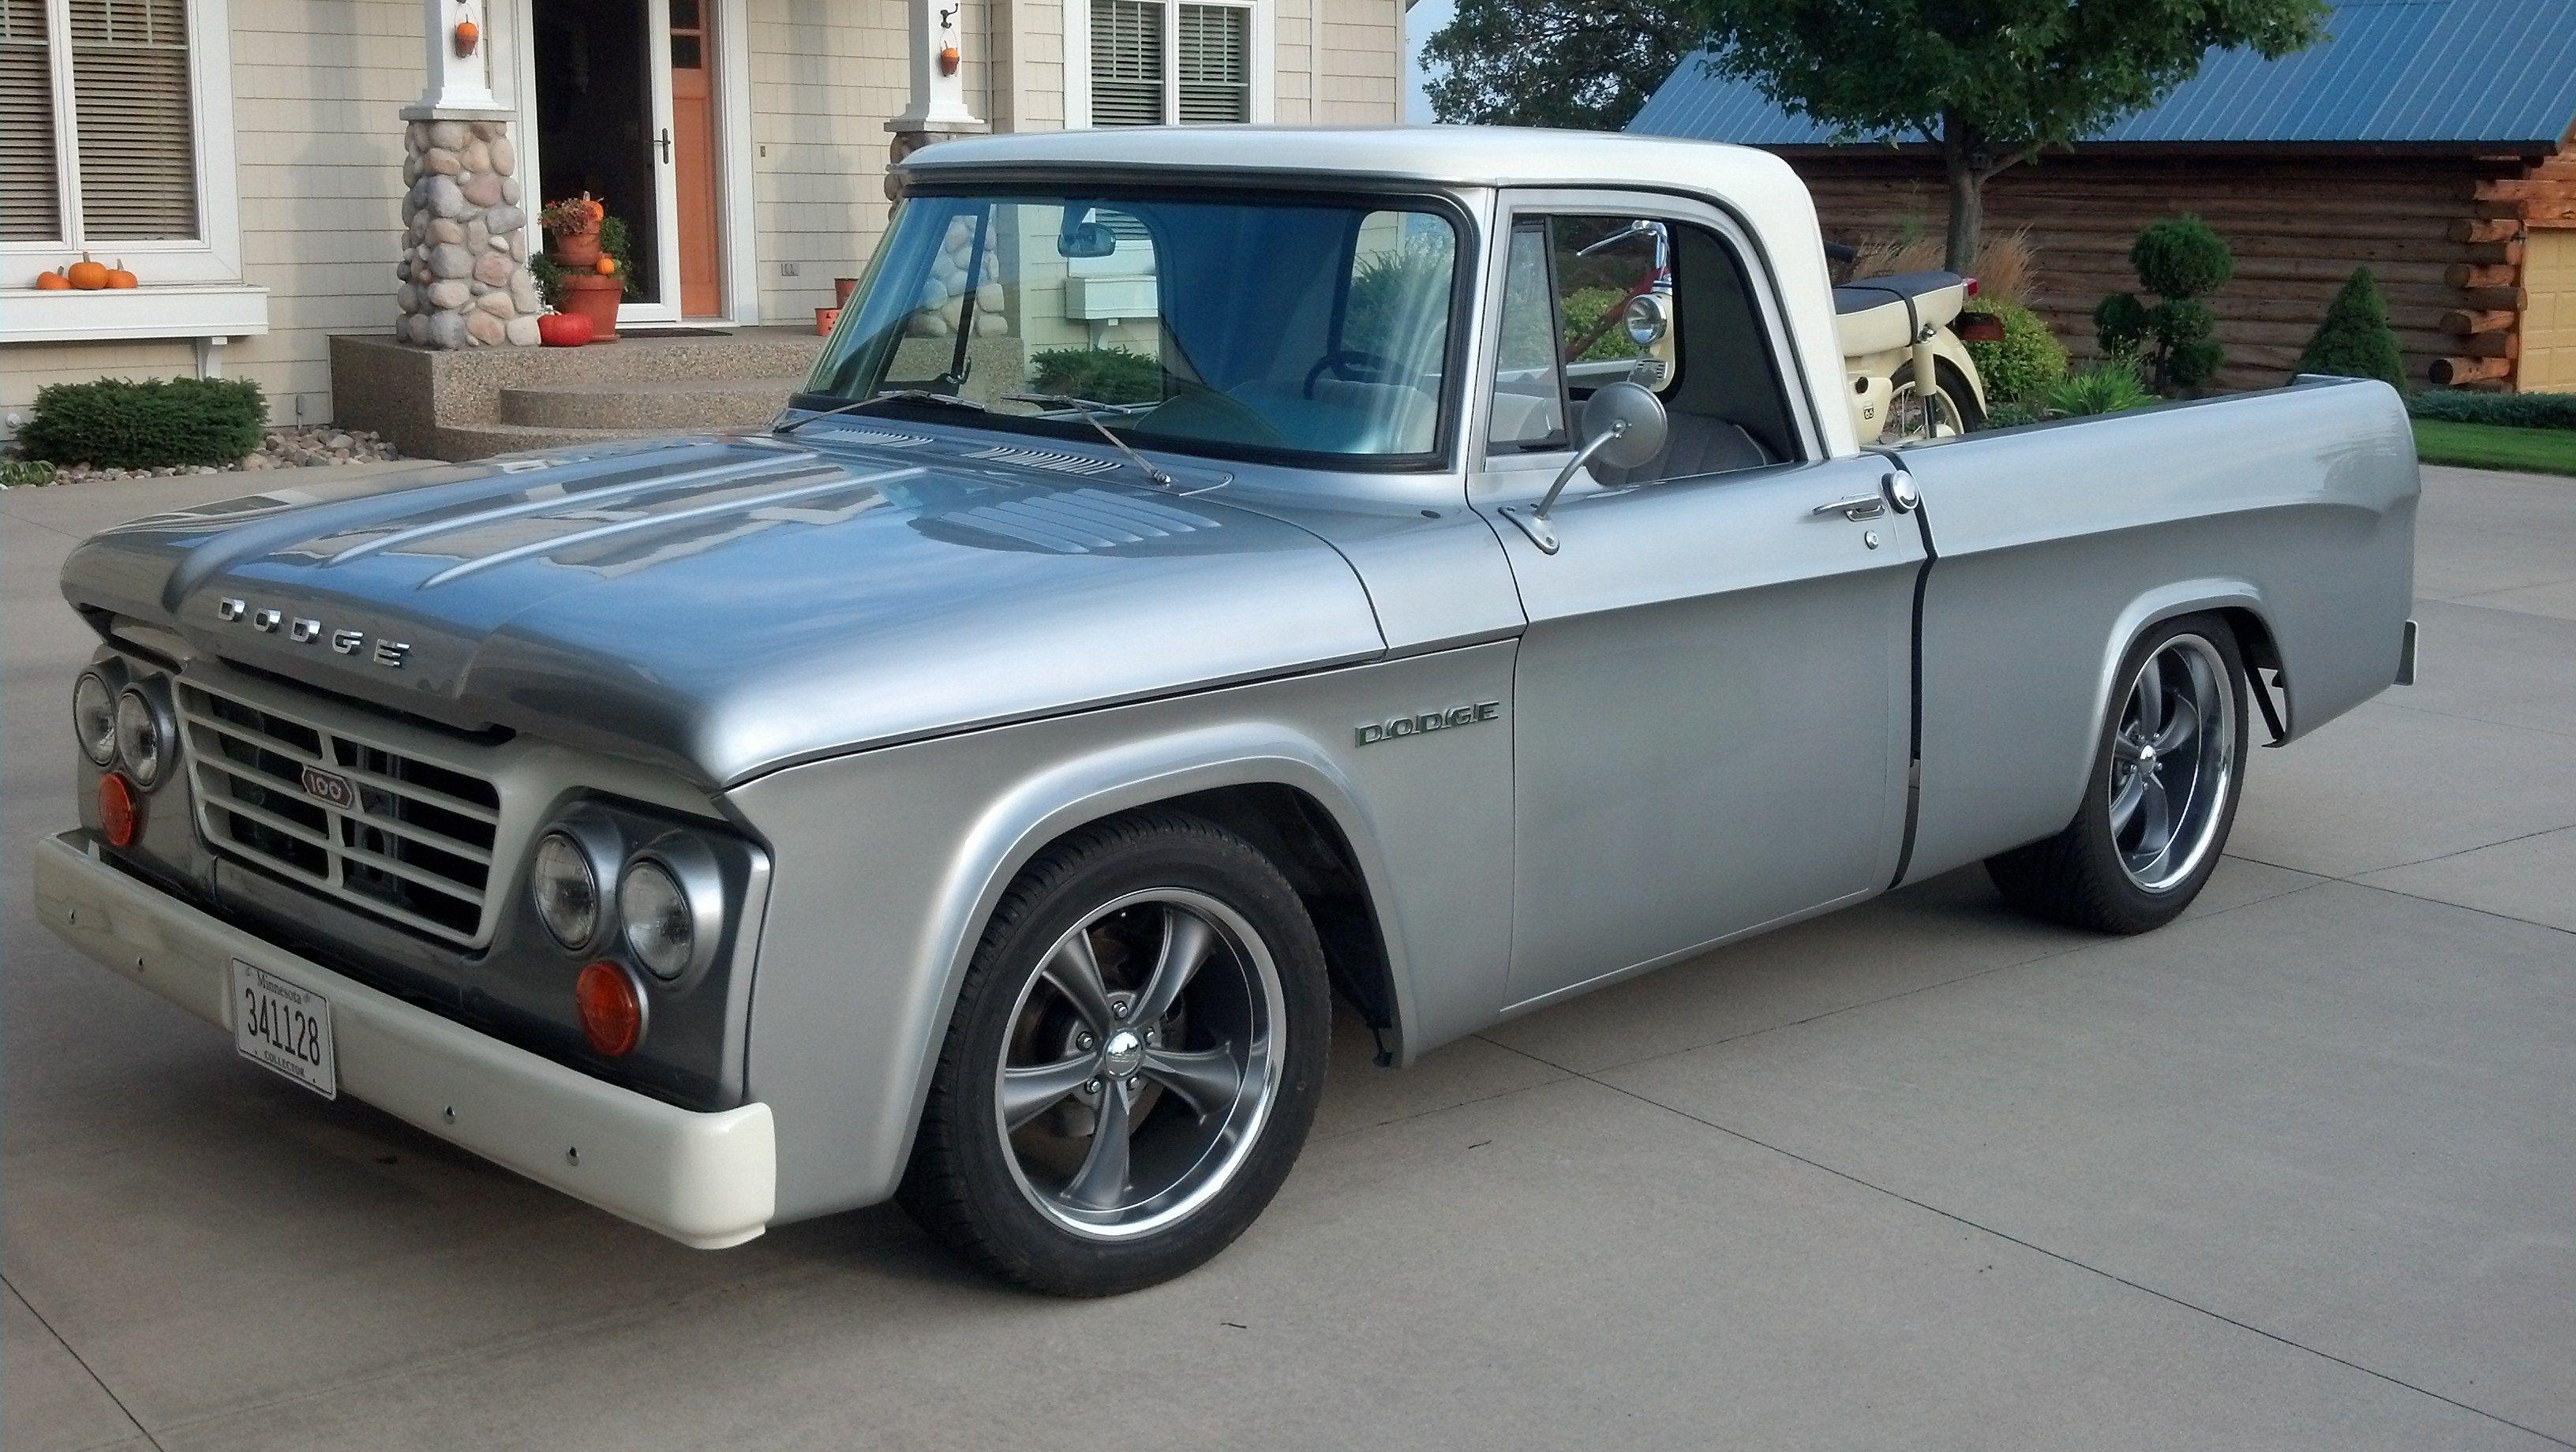 1962 d 100 dodge 1 39 s 2 39 s 3 39 s 1961 1969 dodge trucks. Black Bedroom Furniture Sets. Home Design Ideas